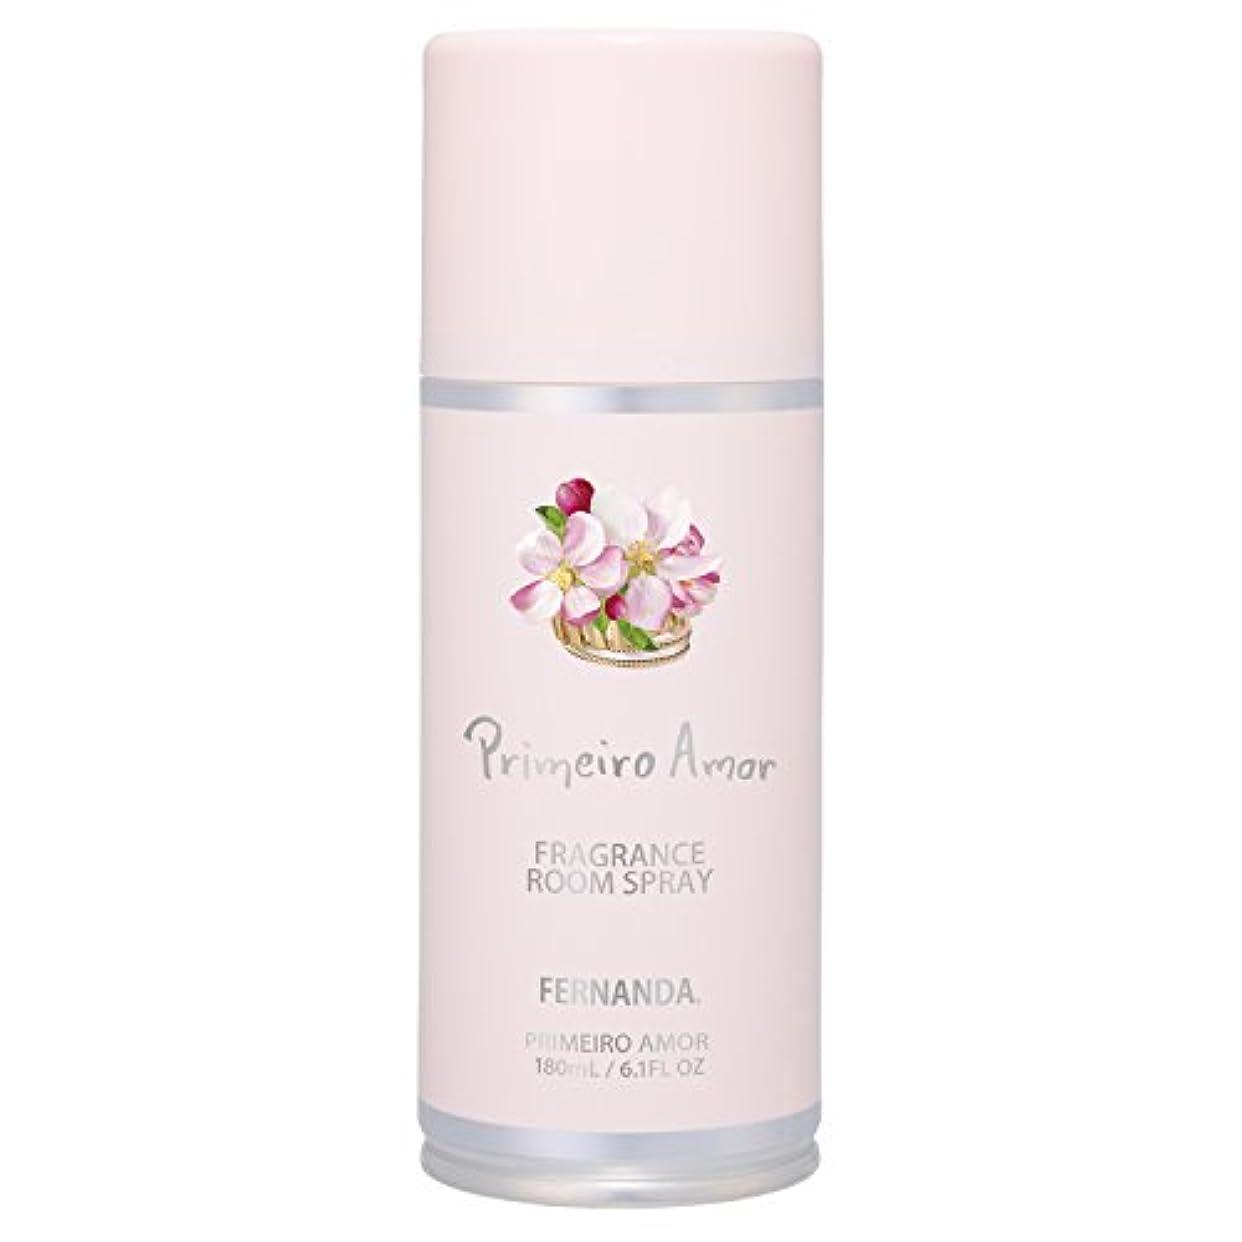 参加するサドル移植FERNANDA(フェルナンダ) Room Spray Primeiro Amor(ルームスプレー プリメイロアモール)